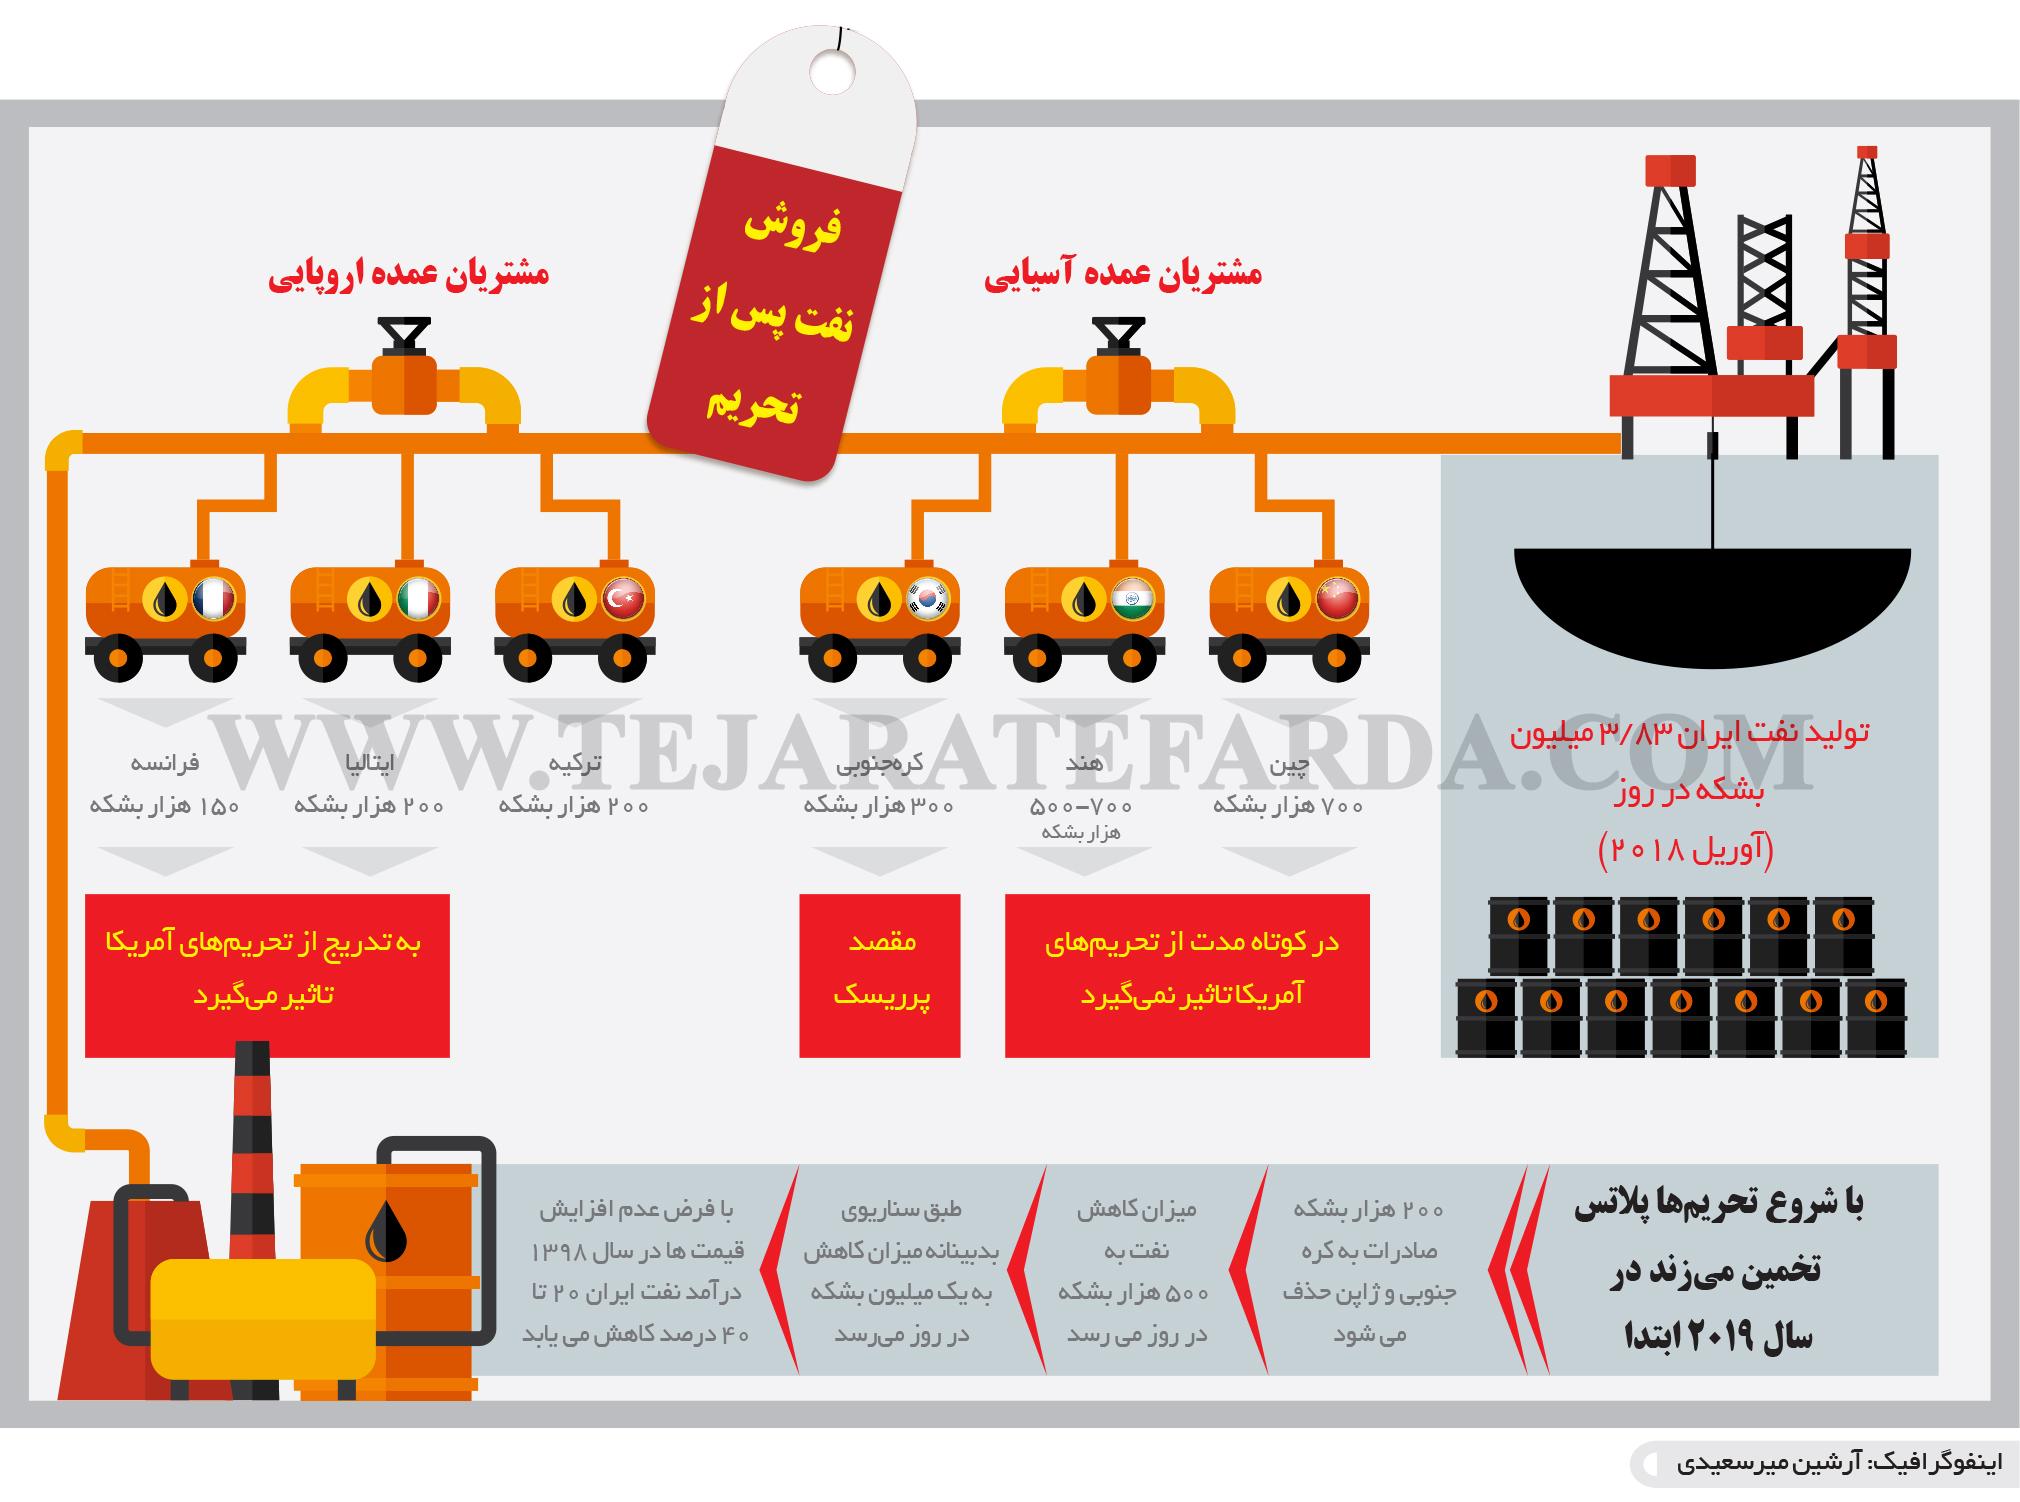 تجارت فردا- اینفوگرافیک- فروش نفت پس از تحریم